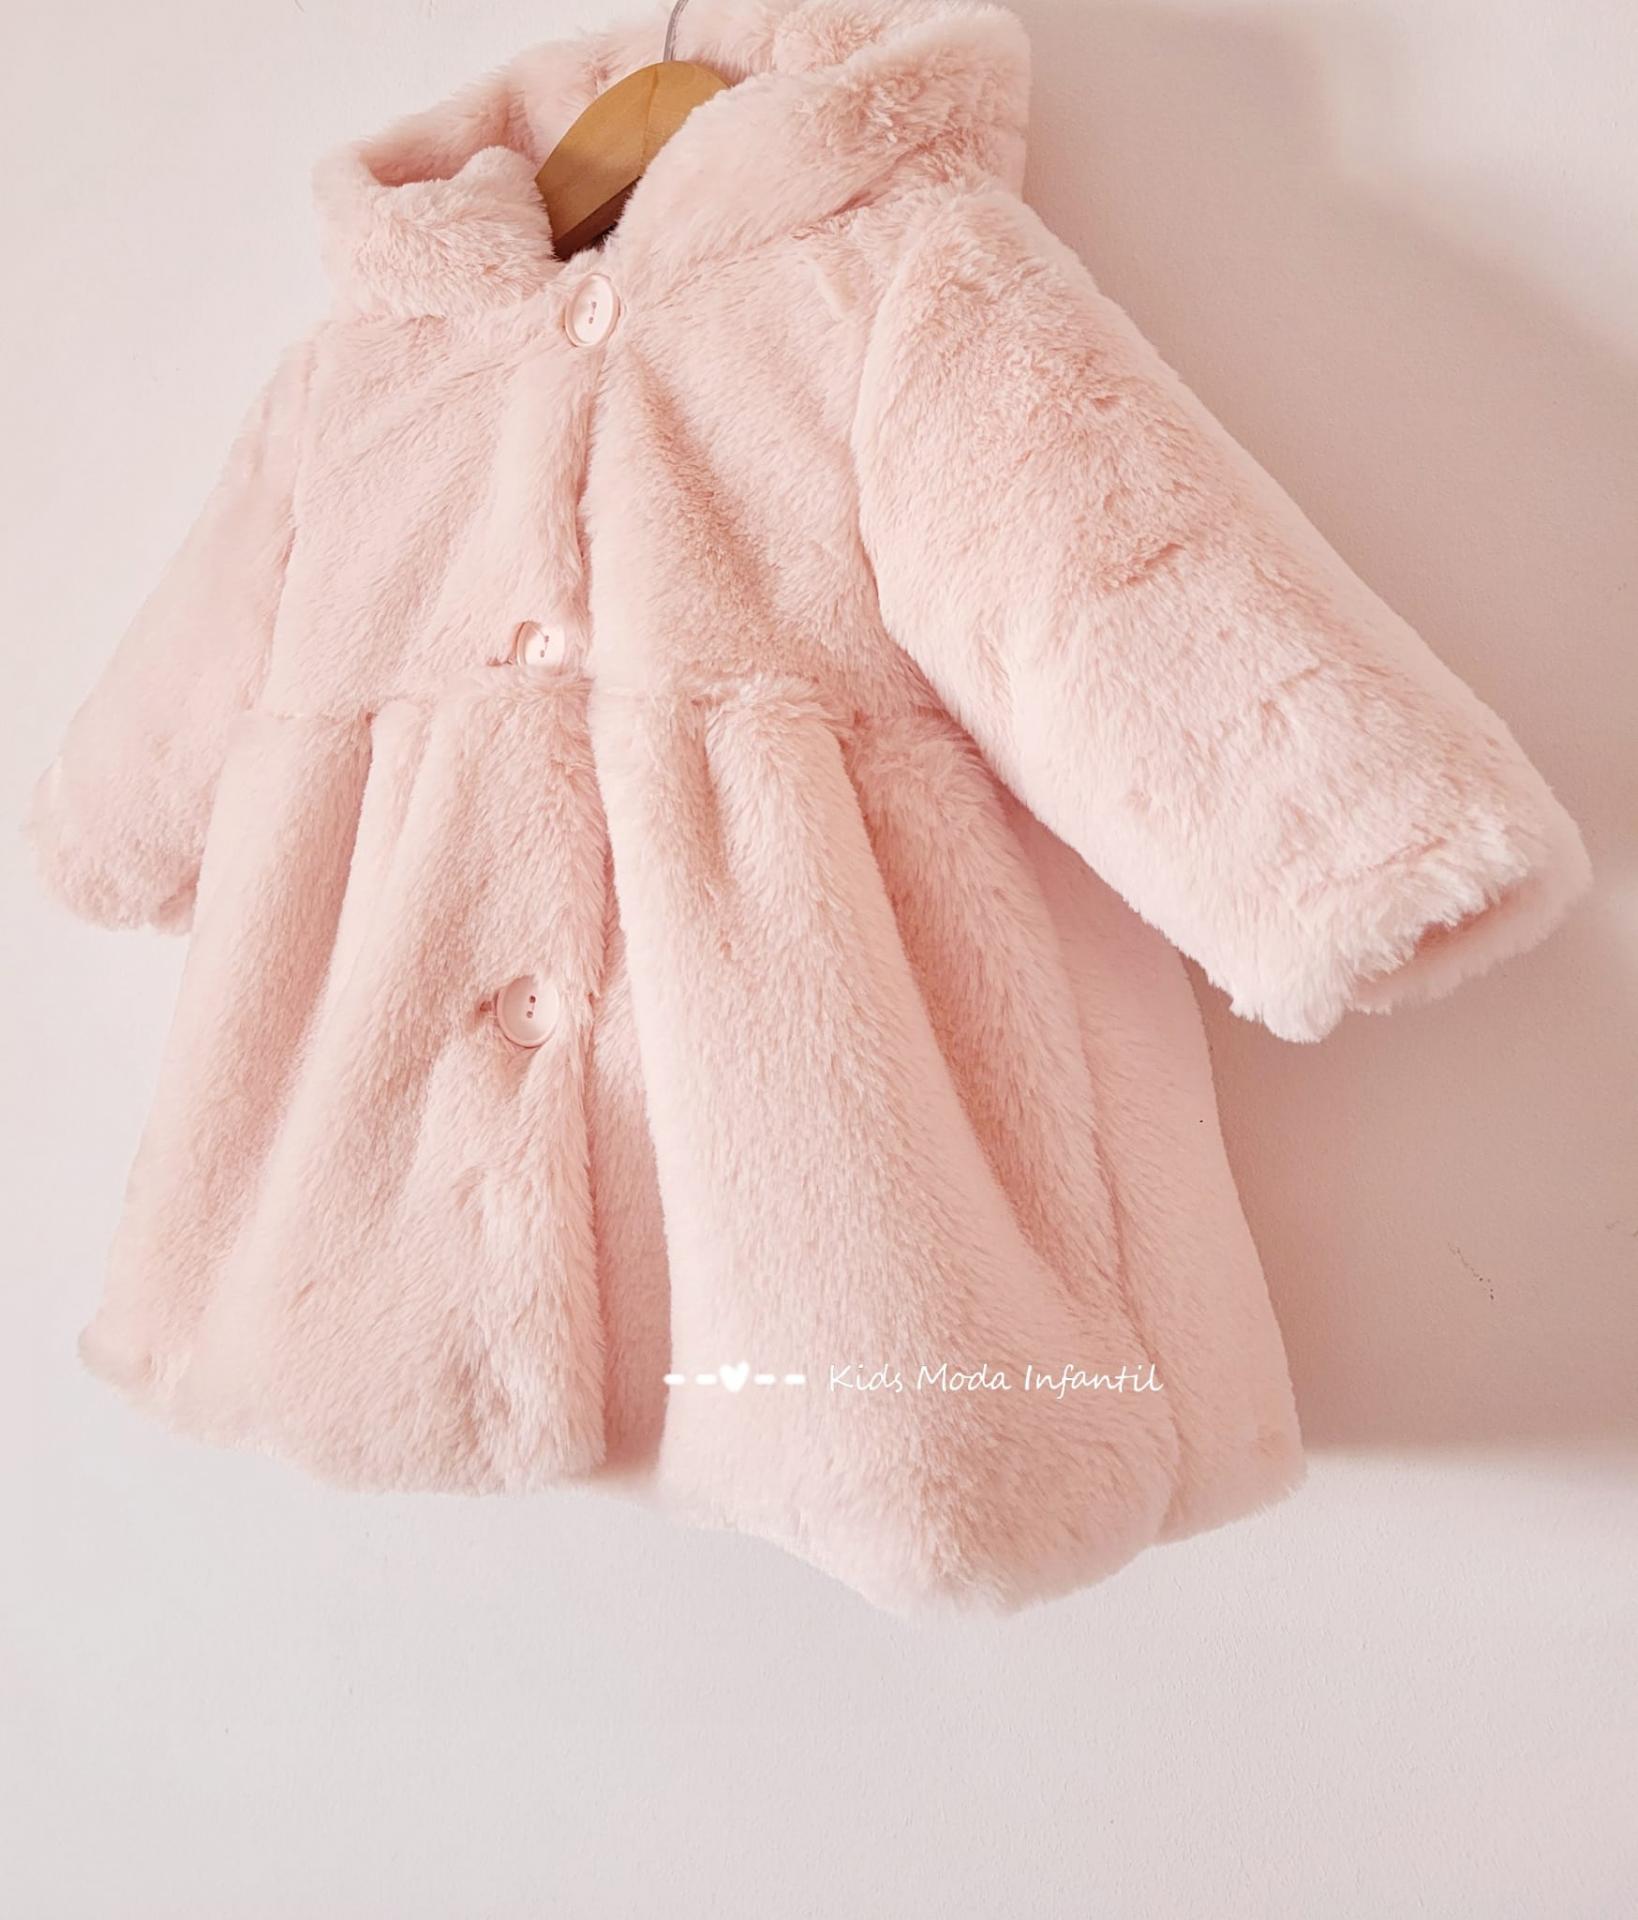 abrigo-bebe-pelo-coco-acqua.jpeg